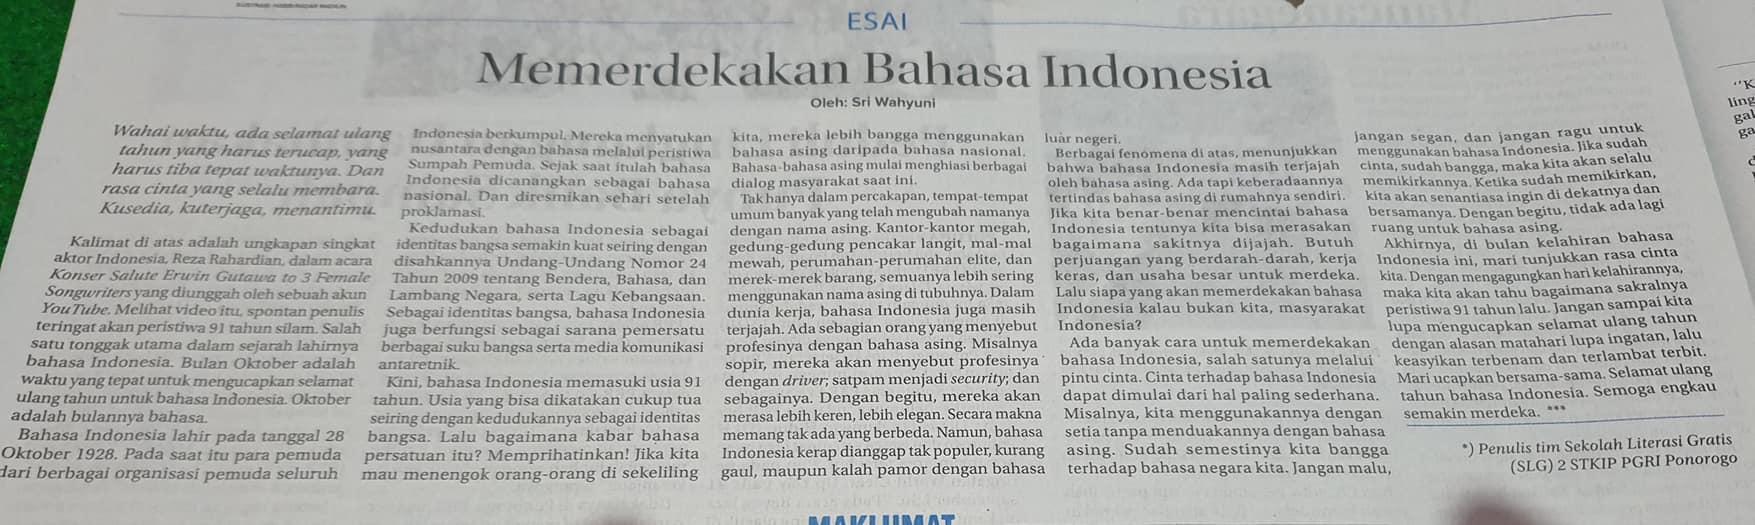 [Opini] Memerdekakan Bahasa Indonesia